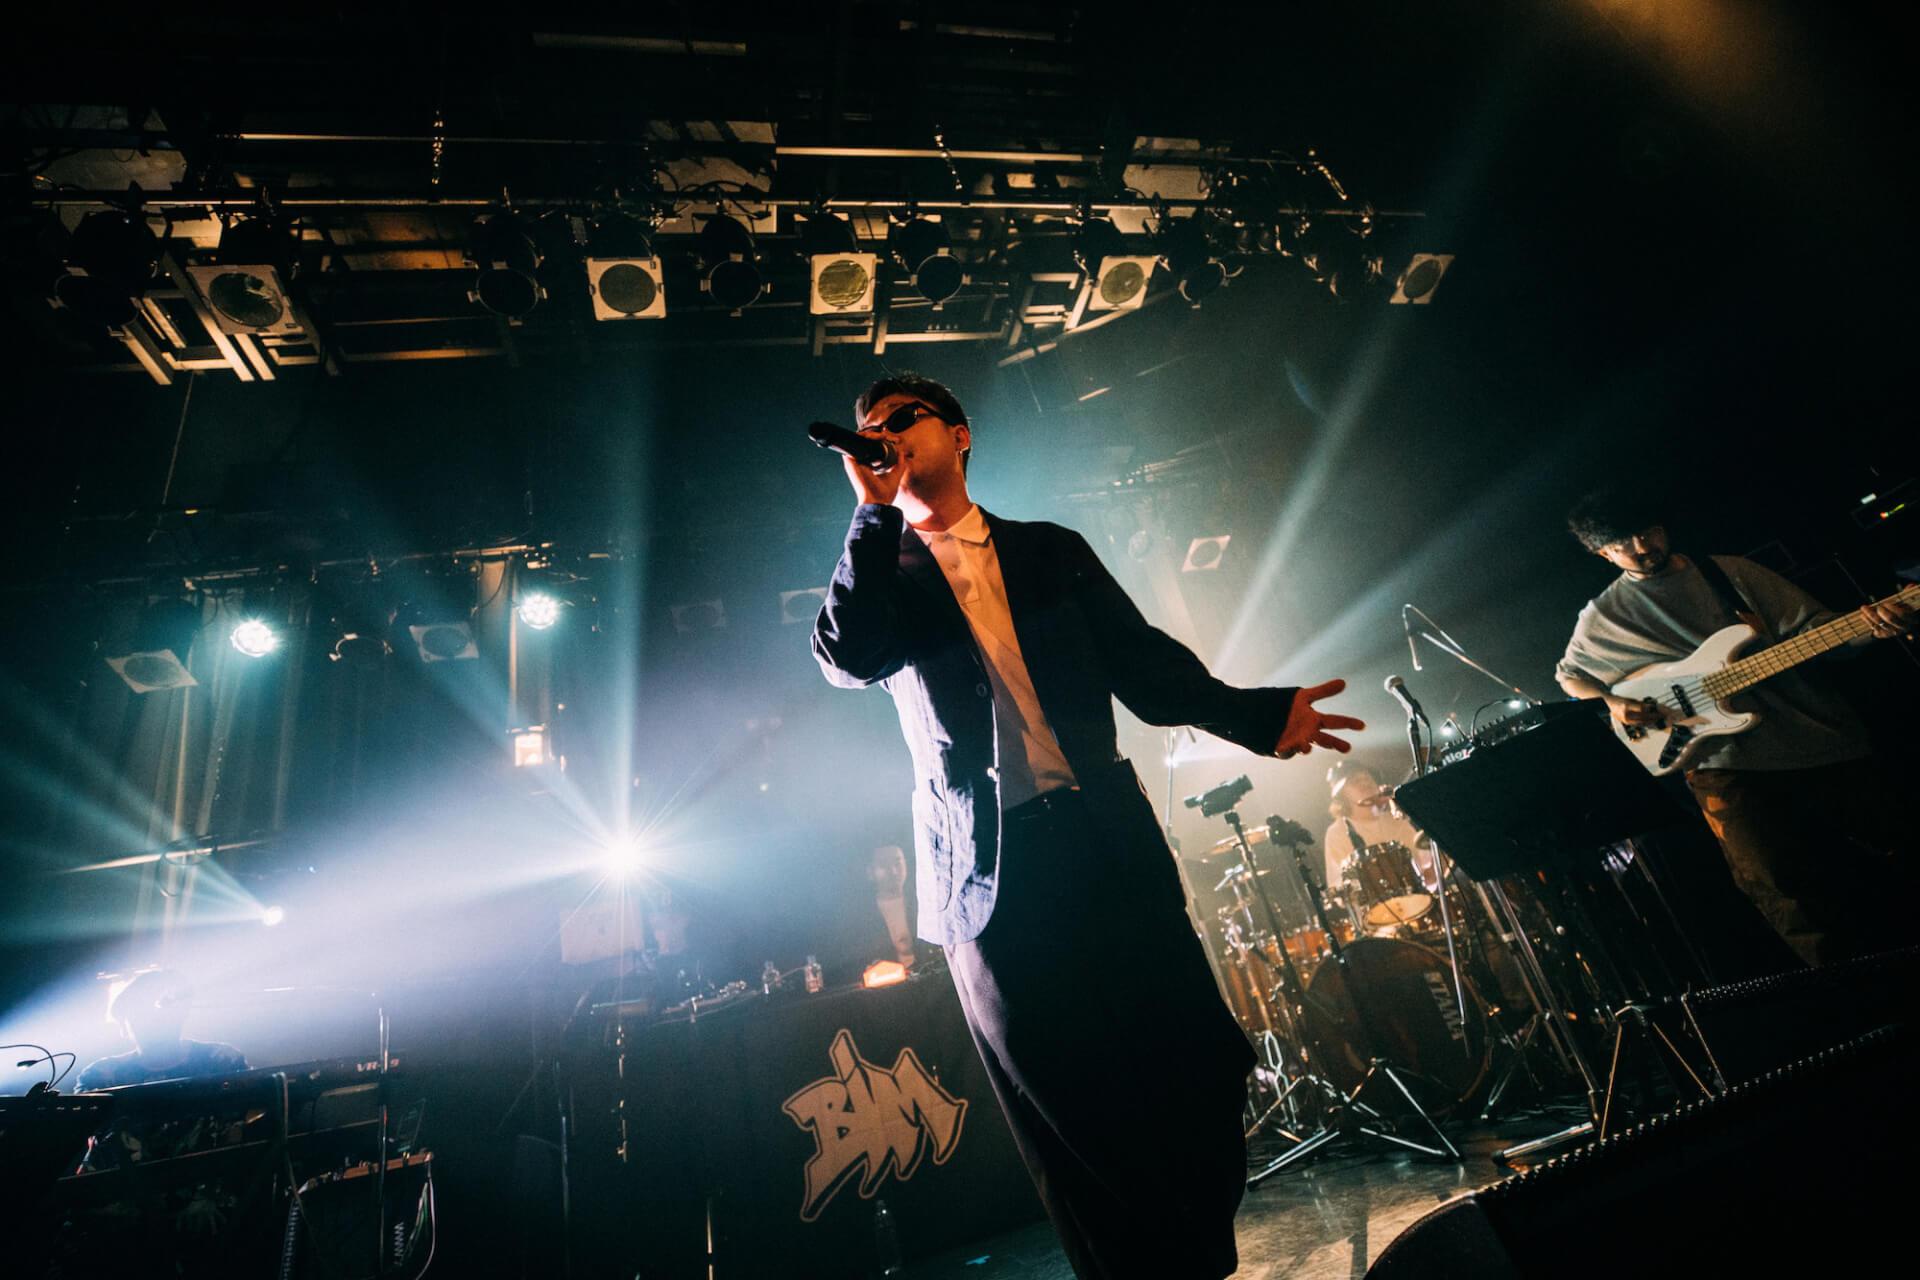 ライブレポート:WWW 10th Anniversary BIM × Yogee New Waves━━生活と分かち難いライブの喜び music210624-bim-yogee-new-waves-6